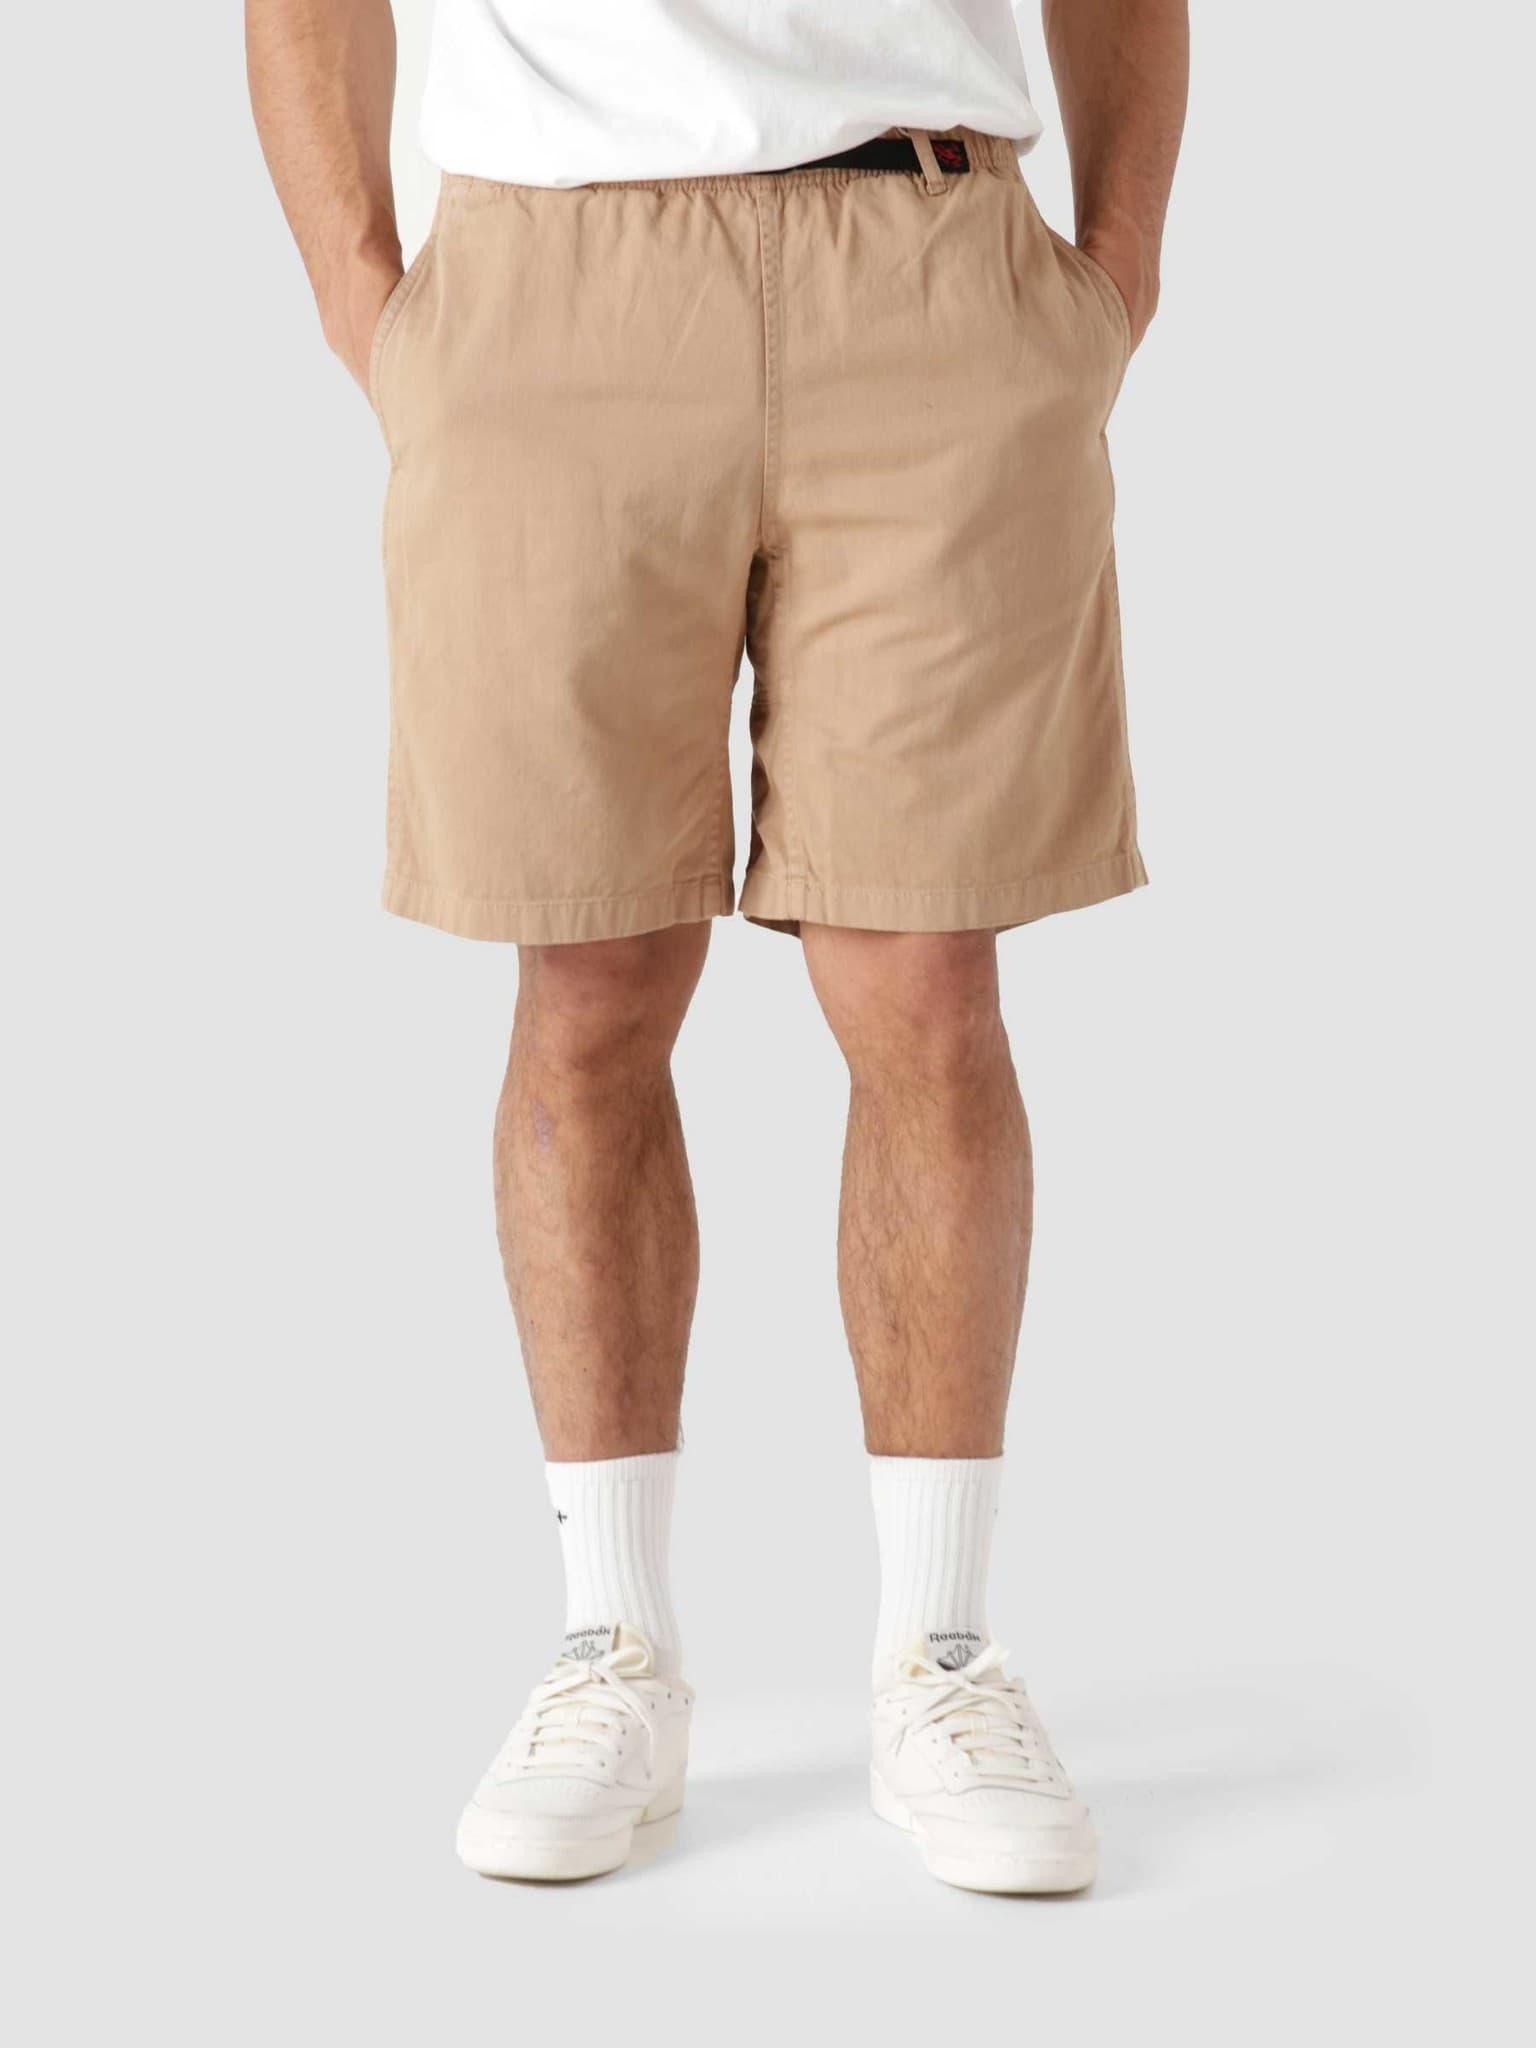 G Shorts Chino 8117-56J